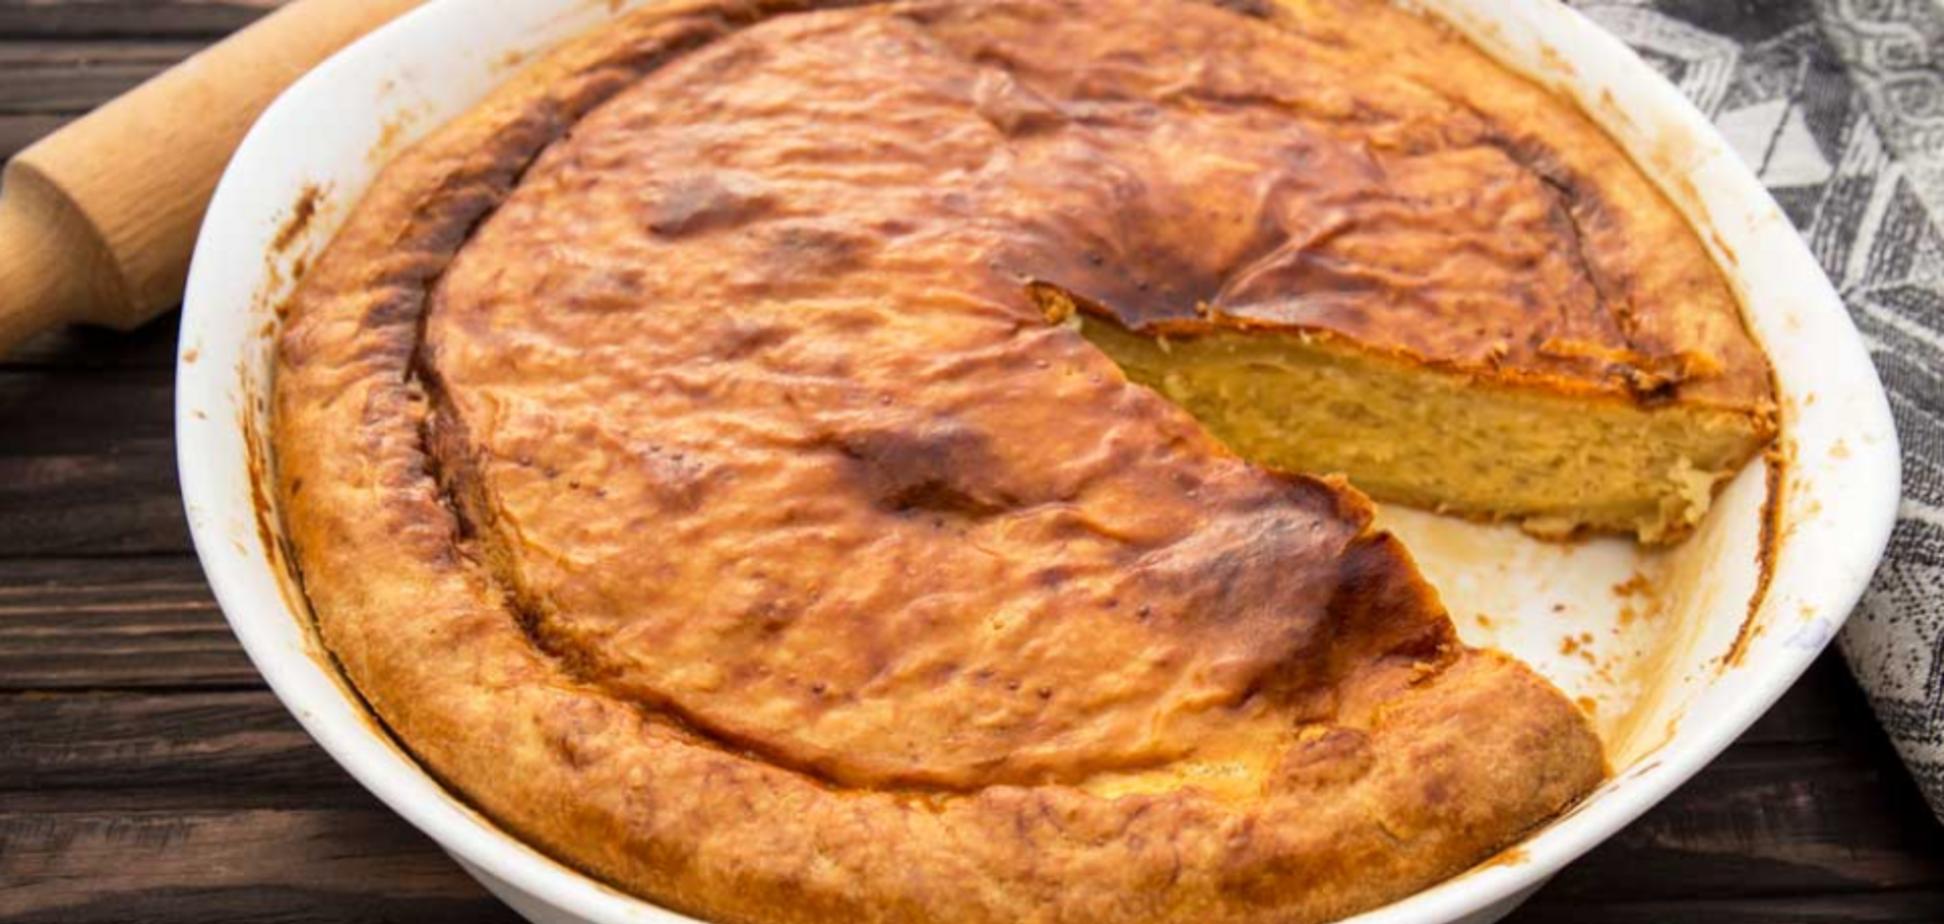 Как приготовить луковый пирог: рецепт от известного кулинара